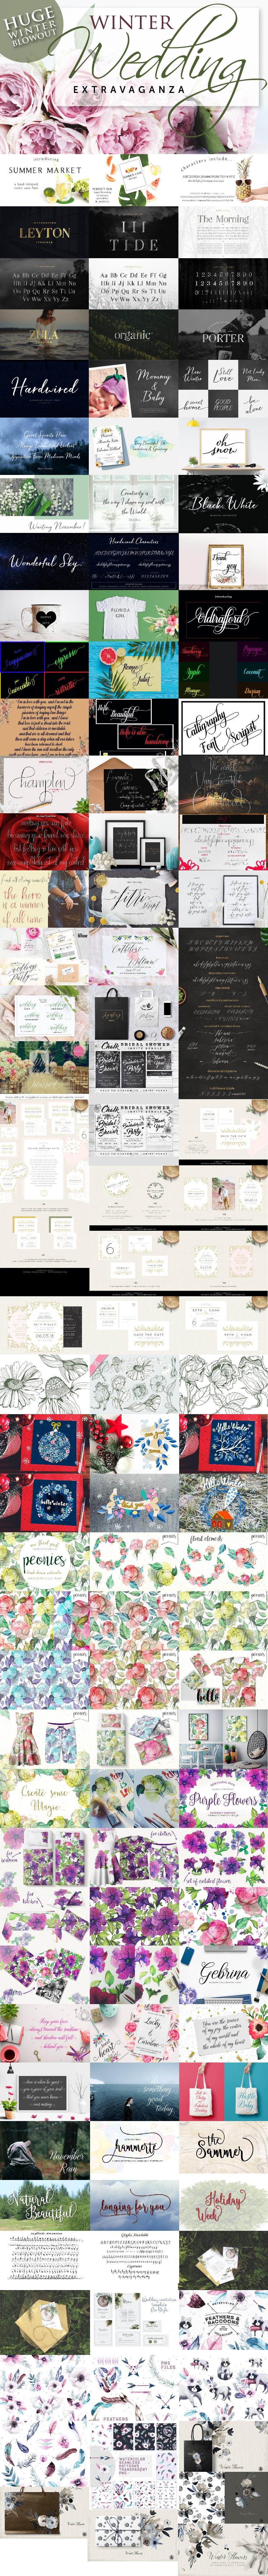 winter-wedding-extravaganza-collage-min.jpg